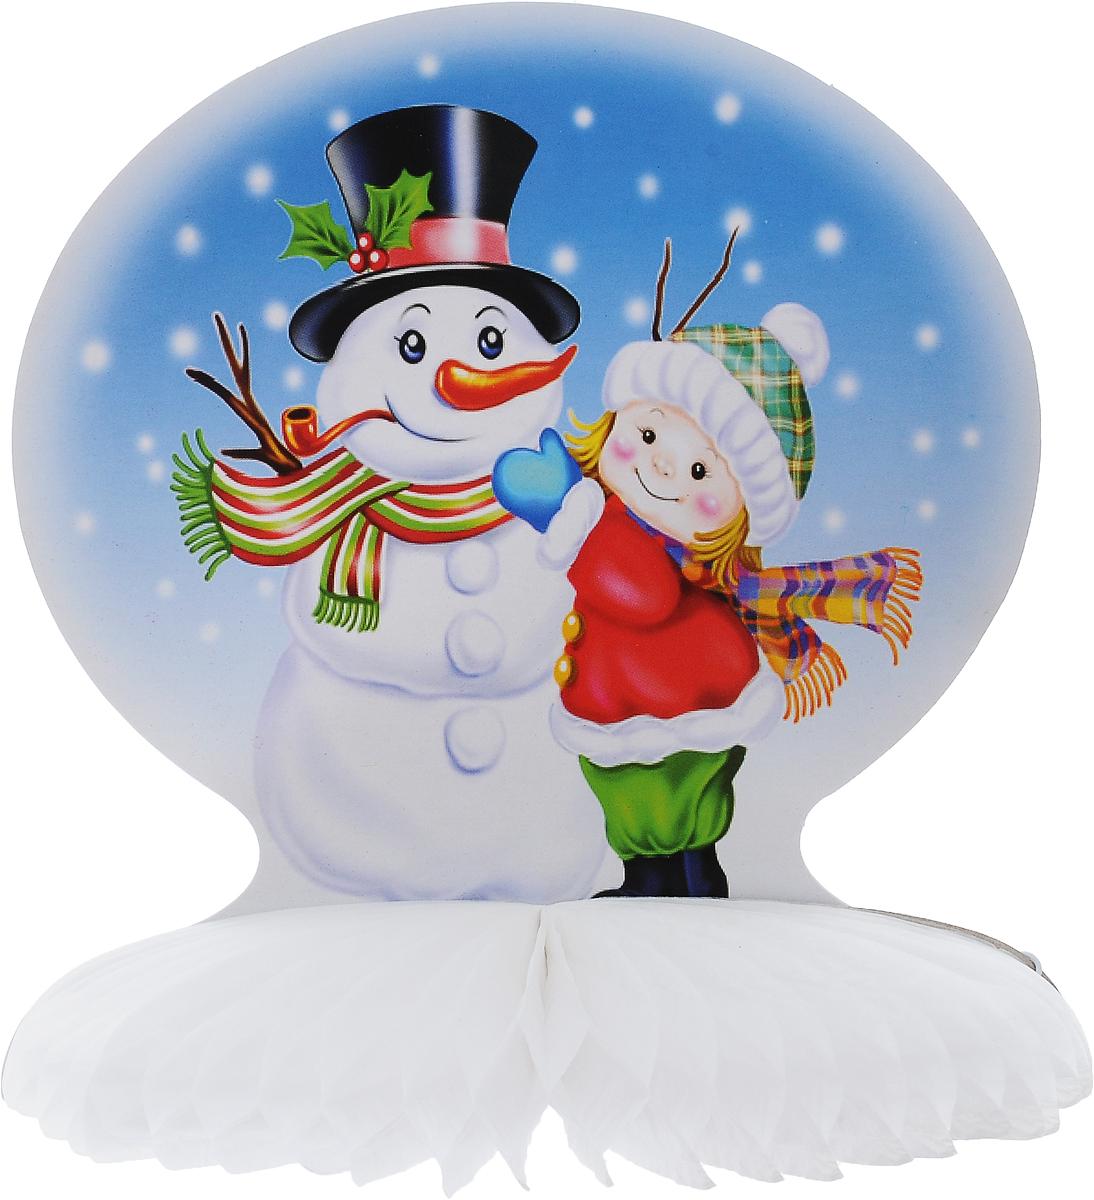 Украшение новогоднее подвесное Winter Wings Зима, 19,5 х 21 смN09257Оригинальное новогоднее украшение Winter Wings Зима выполнено из прочной бумаги. Украшение можно подвесить в любом понравившемся вам месте. Новогодние украшения приносят в дом волшебство и ощущение праздника. Создайте в своем доме атмосферу веселья и радости, украшая его всей семьей. Размер: 19,5 х 21 см.